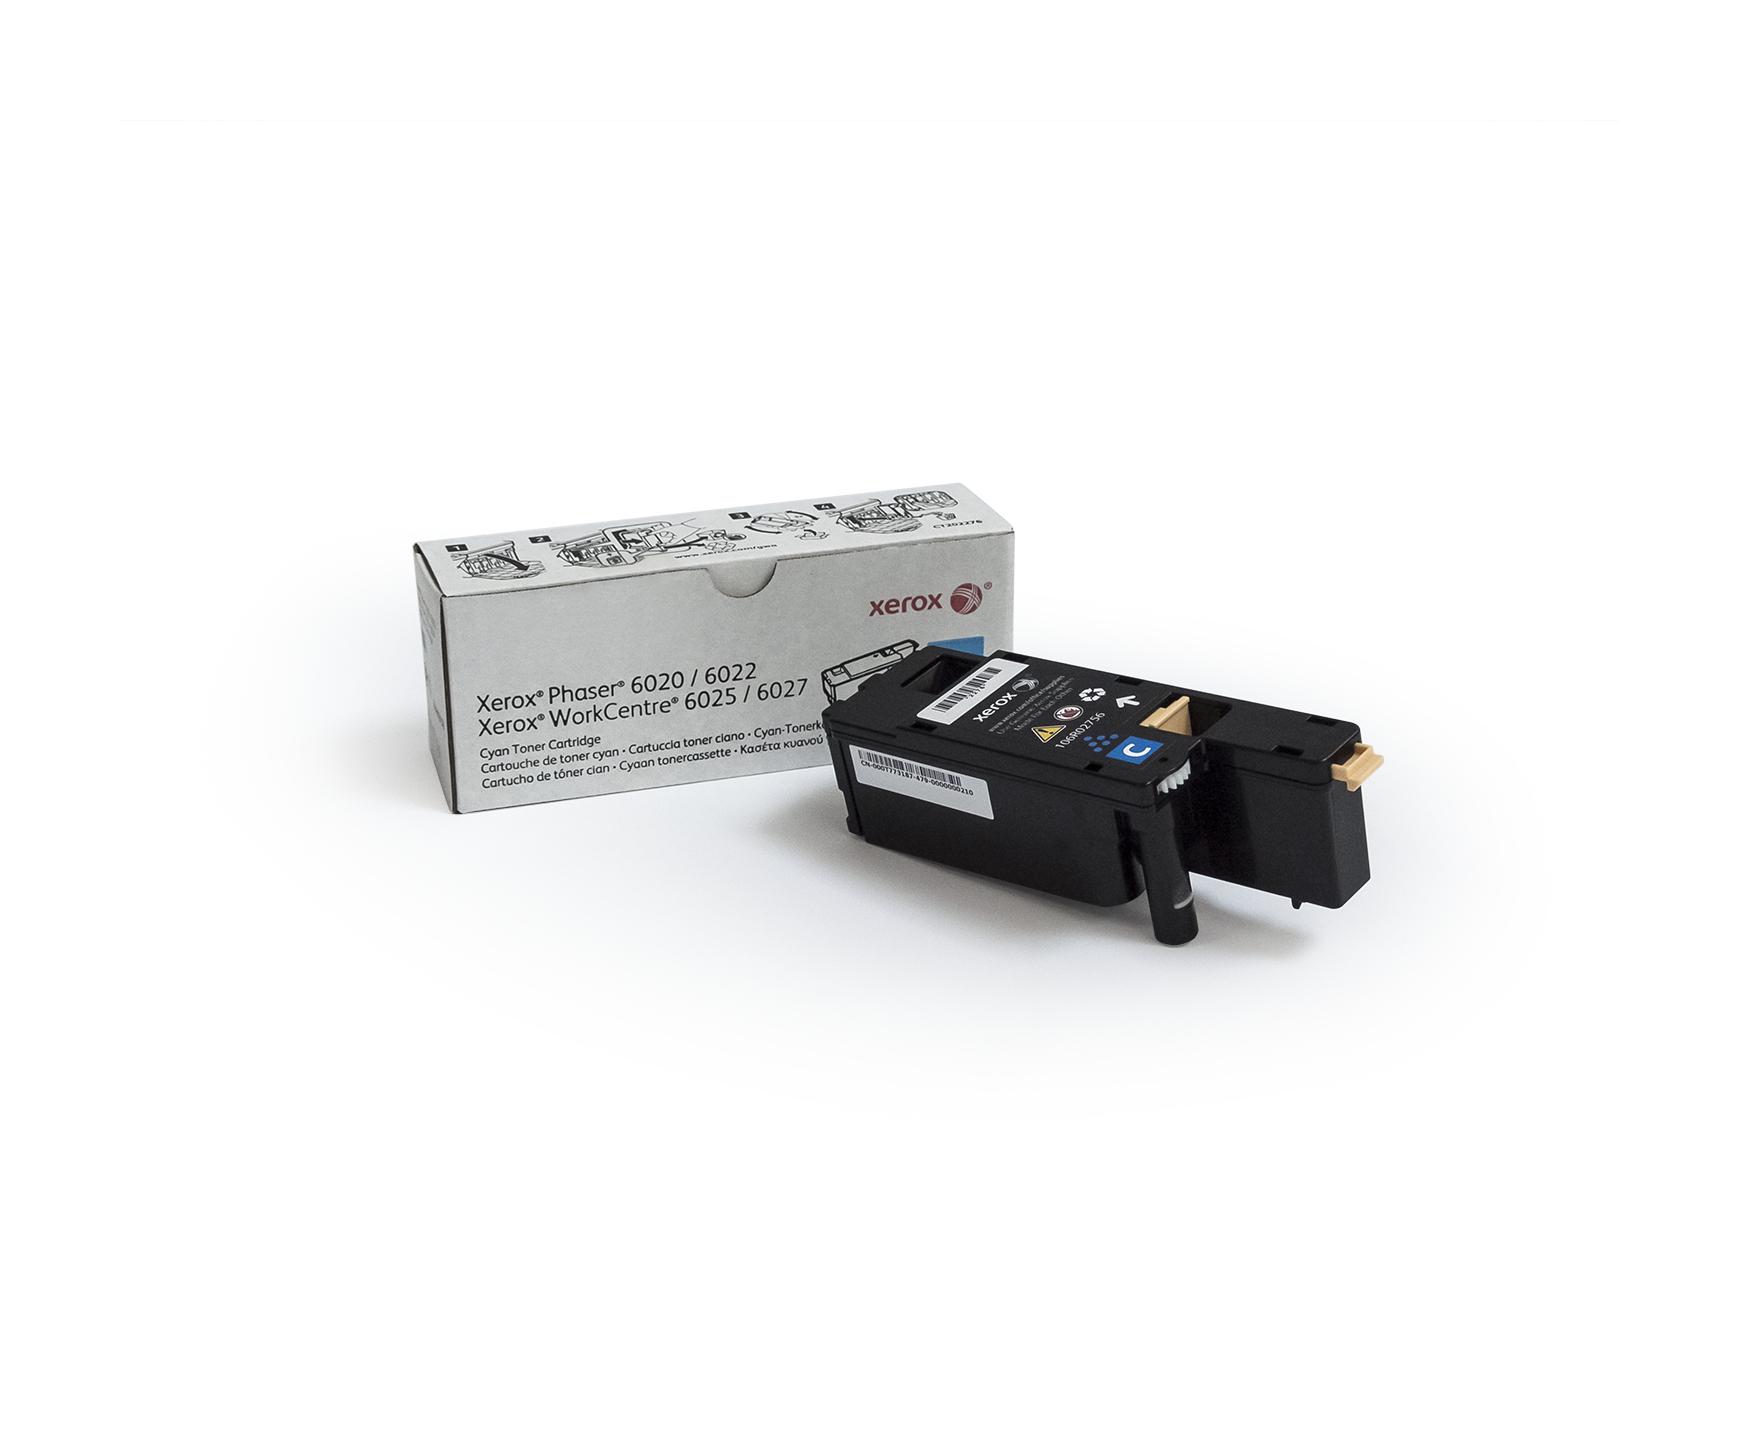 Xerox Phaser 6020/6022 WorkCentre 6025/6027 Cartucho de tóner cián capacidad estándar (1000 págs.)